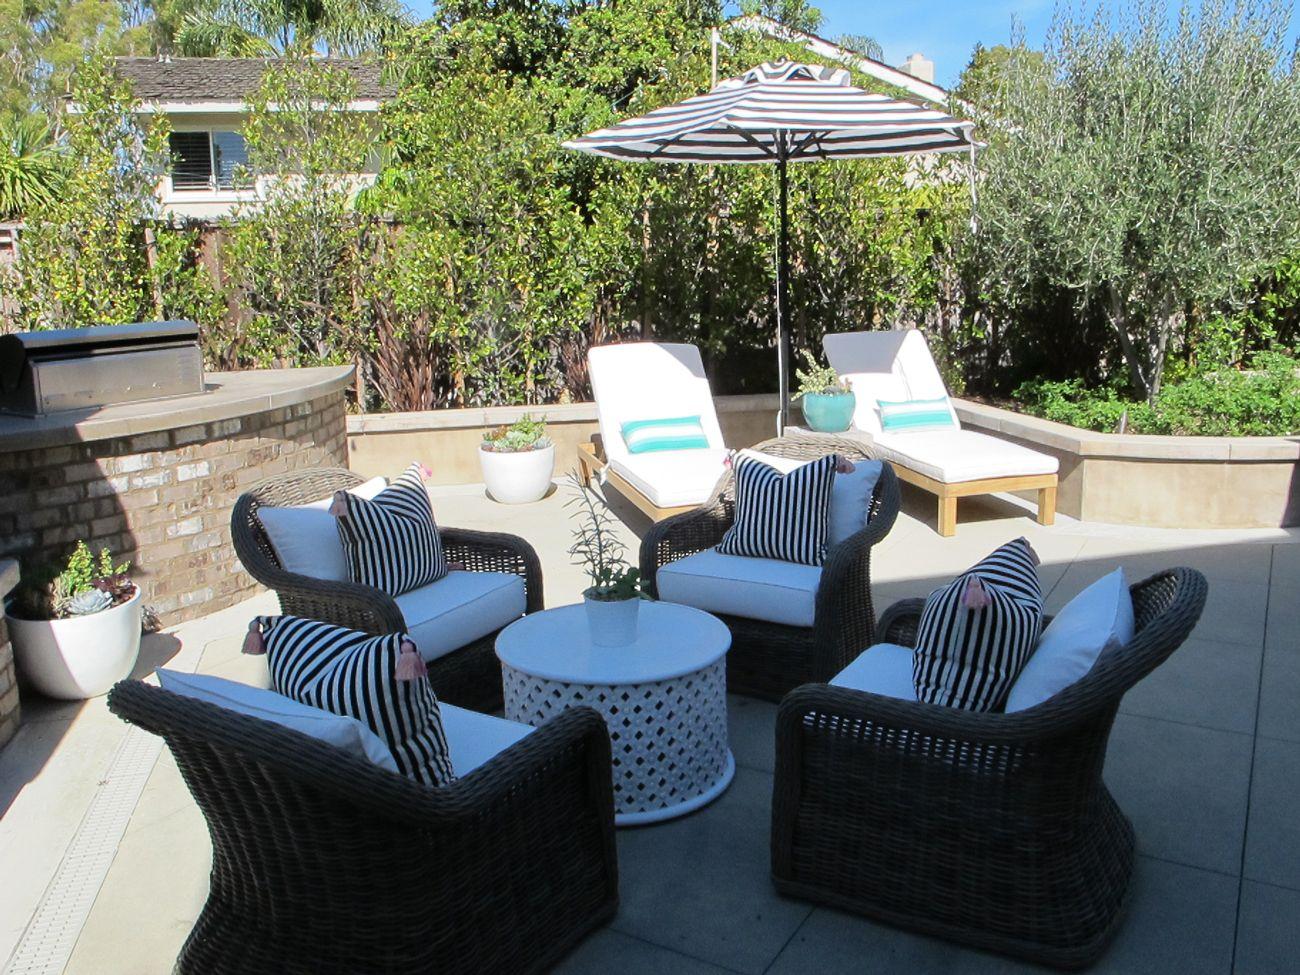 Outdoors | Amber Interiors | Garten, Balkon on Amber Outdoor Living id=77444